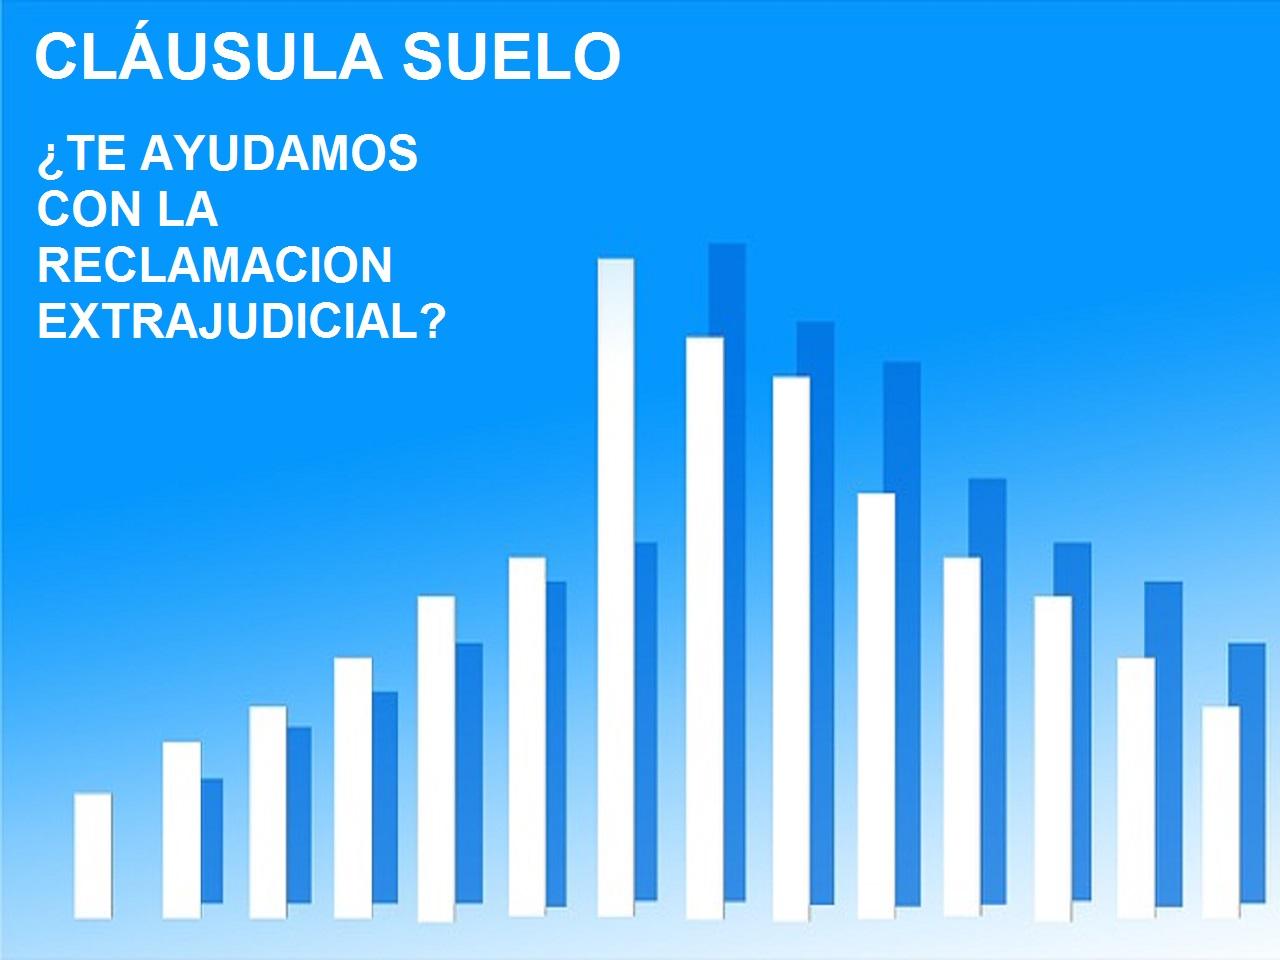 CLAUSULA SUELO